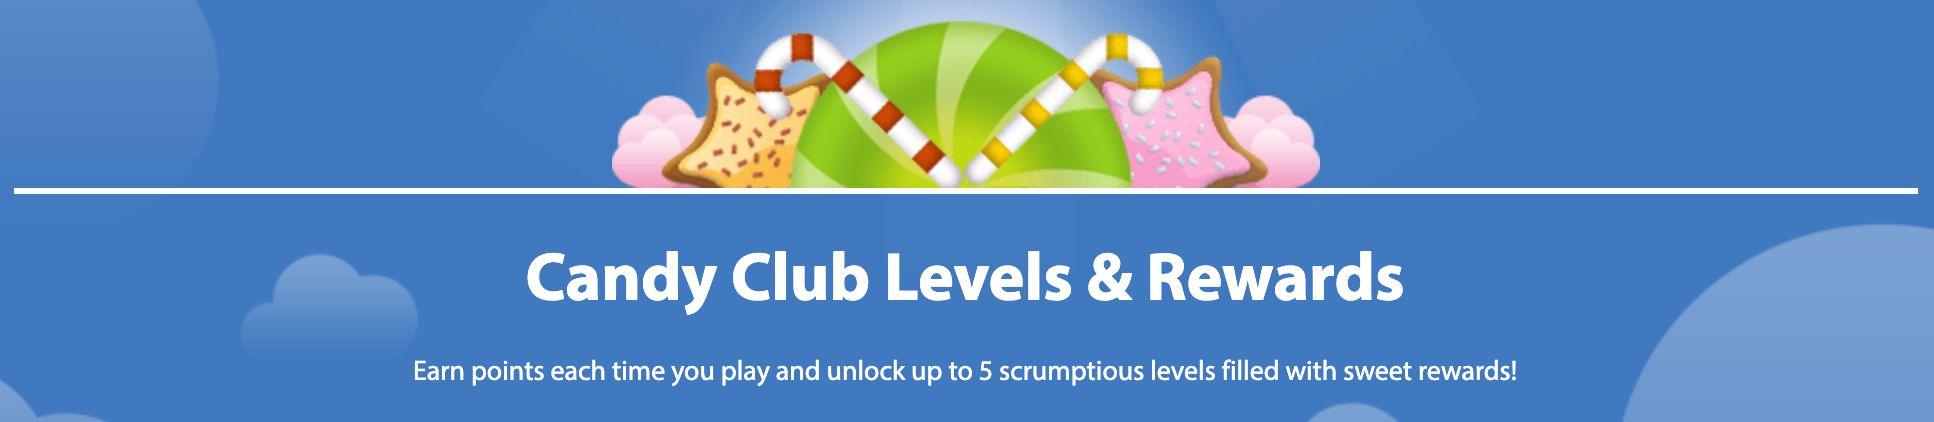 Candy Club VIP Rewards